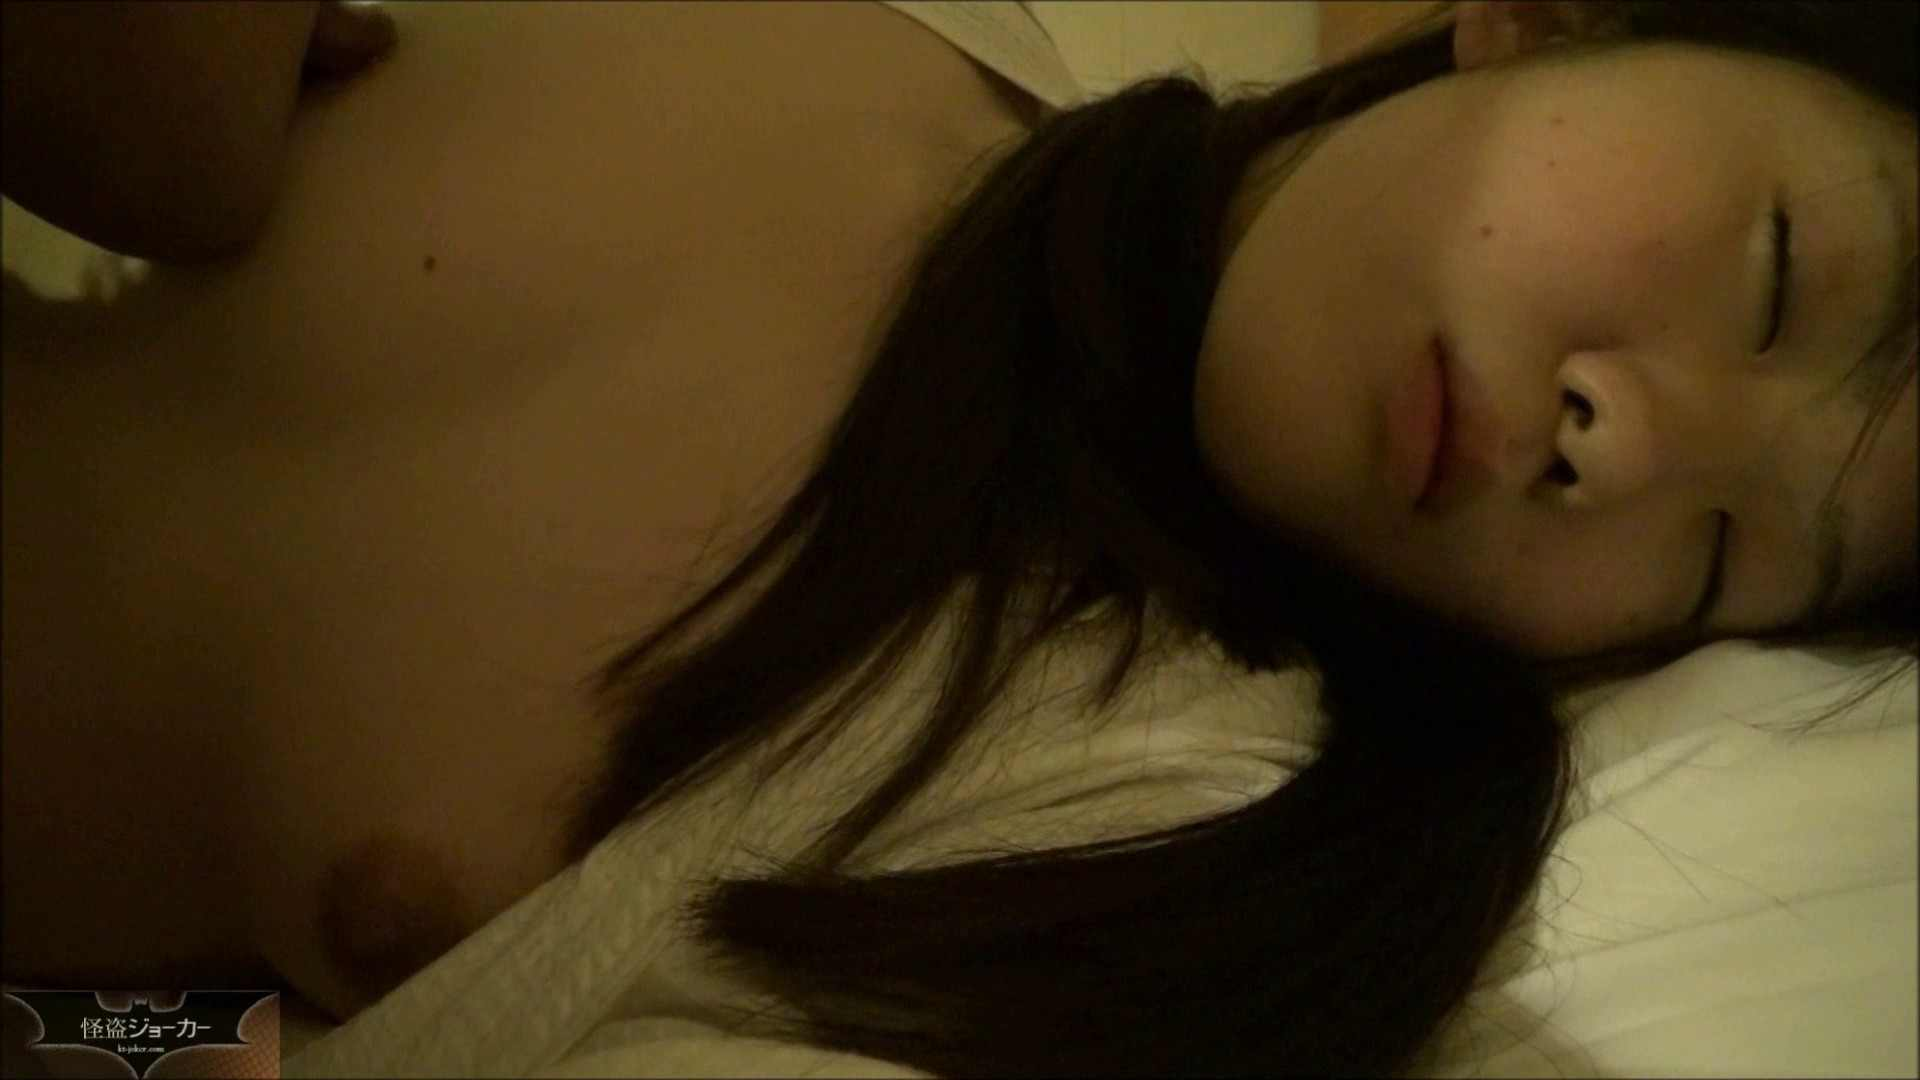 【未公開】vol.78 {関東某有名お嬢様JD}yuunaちゃん② フェラ動画 スケベ動画紹介 49画像 33